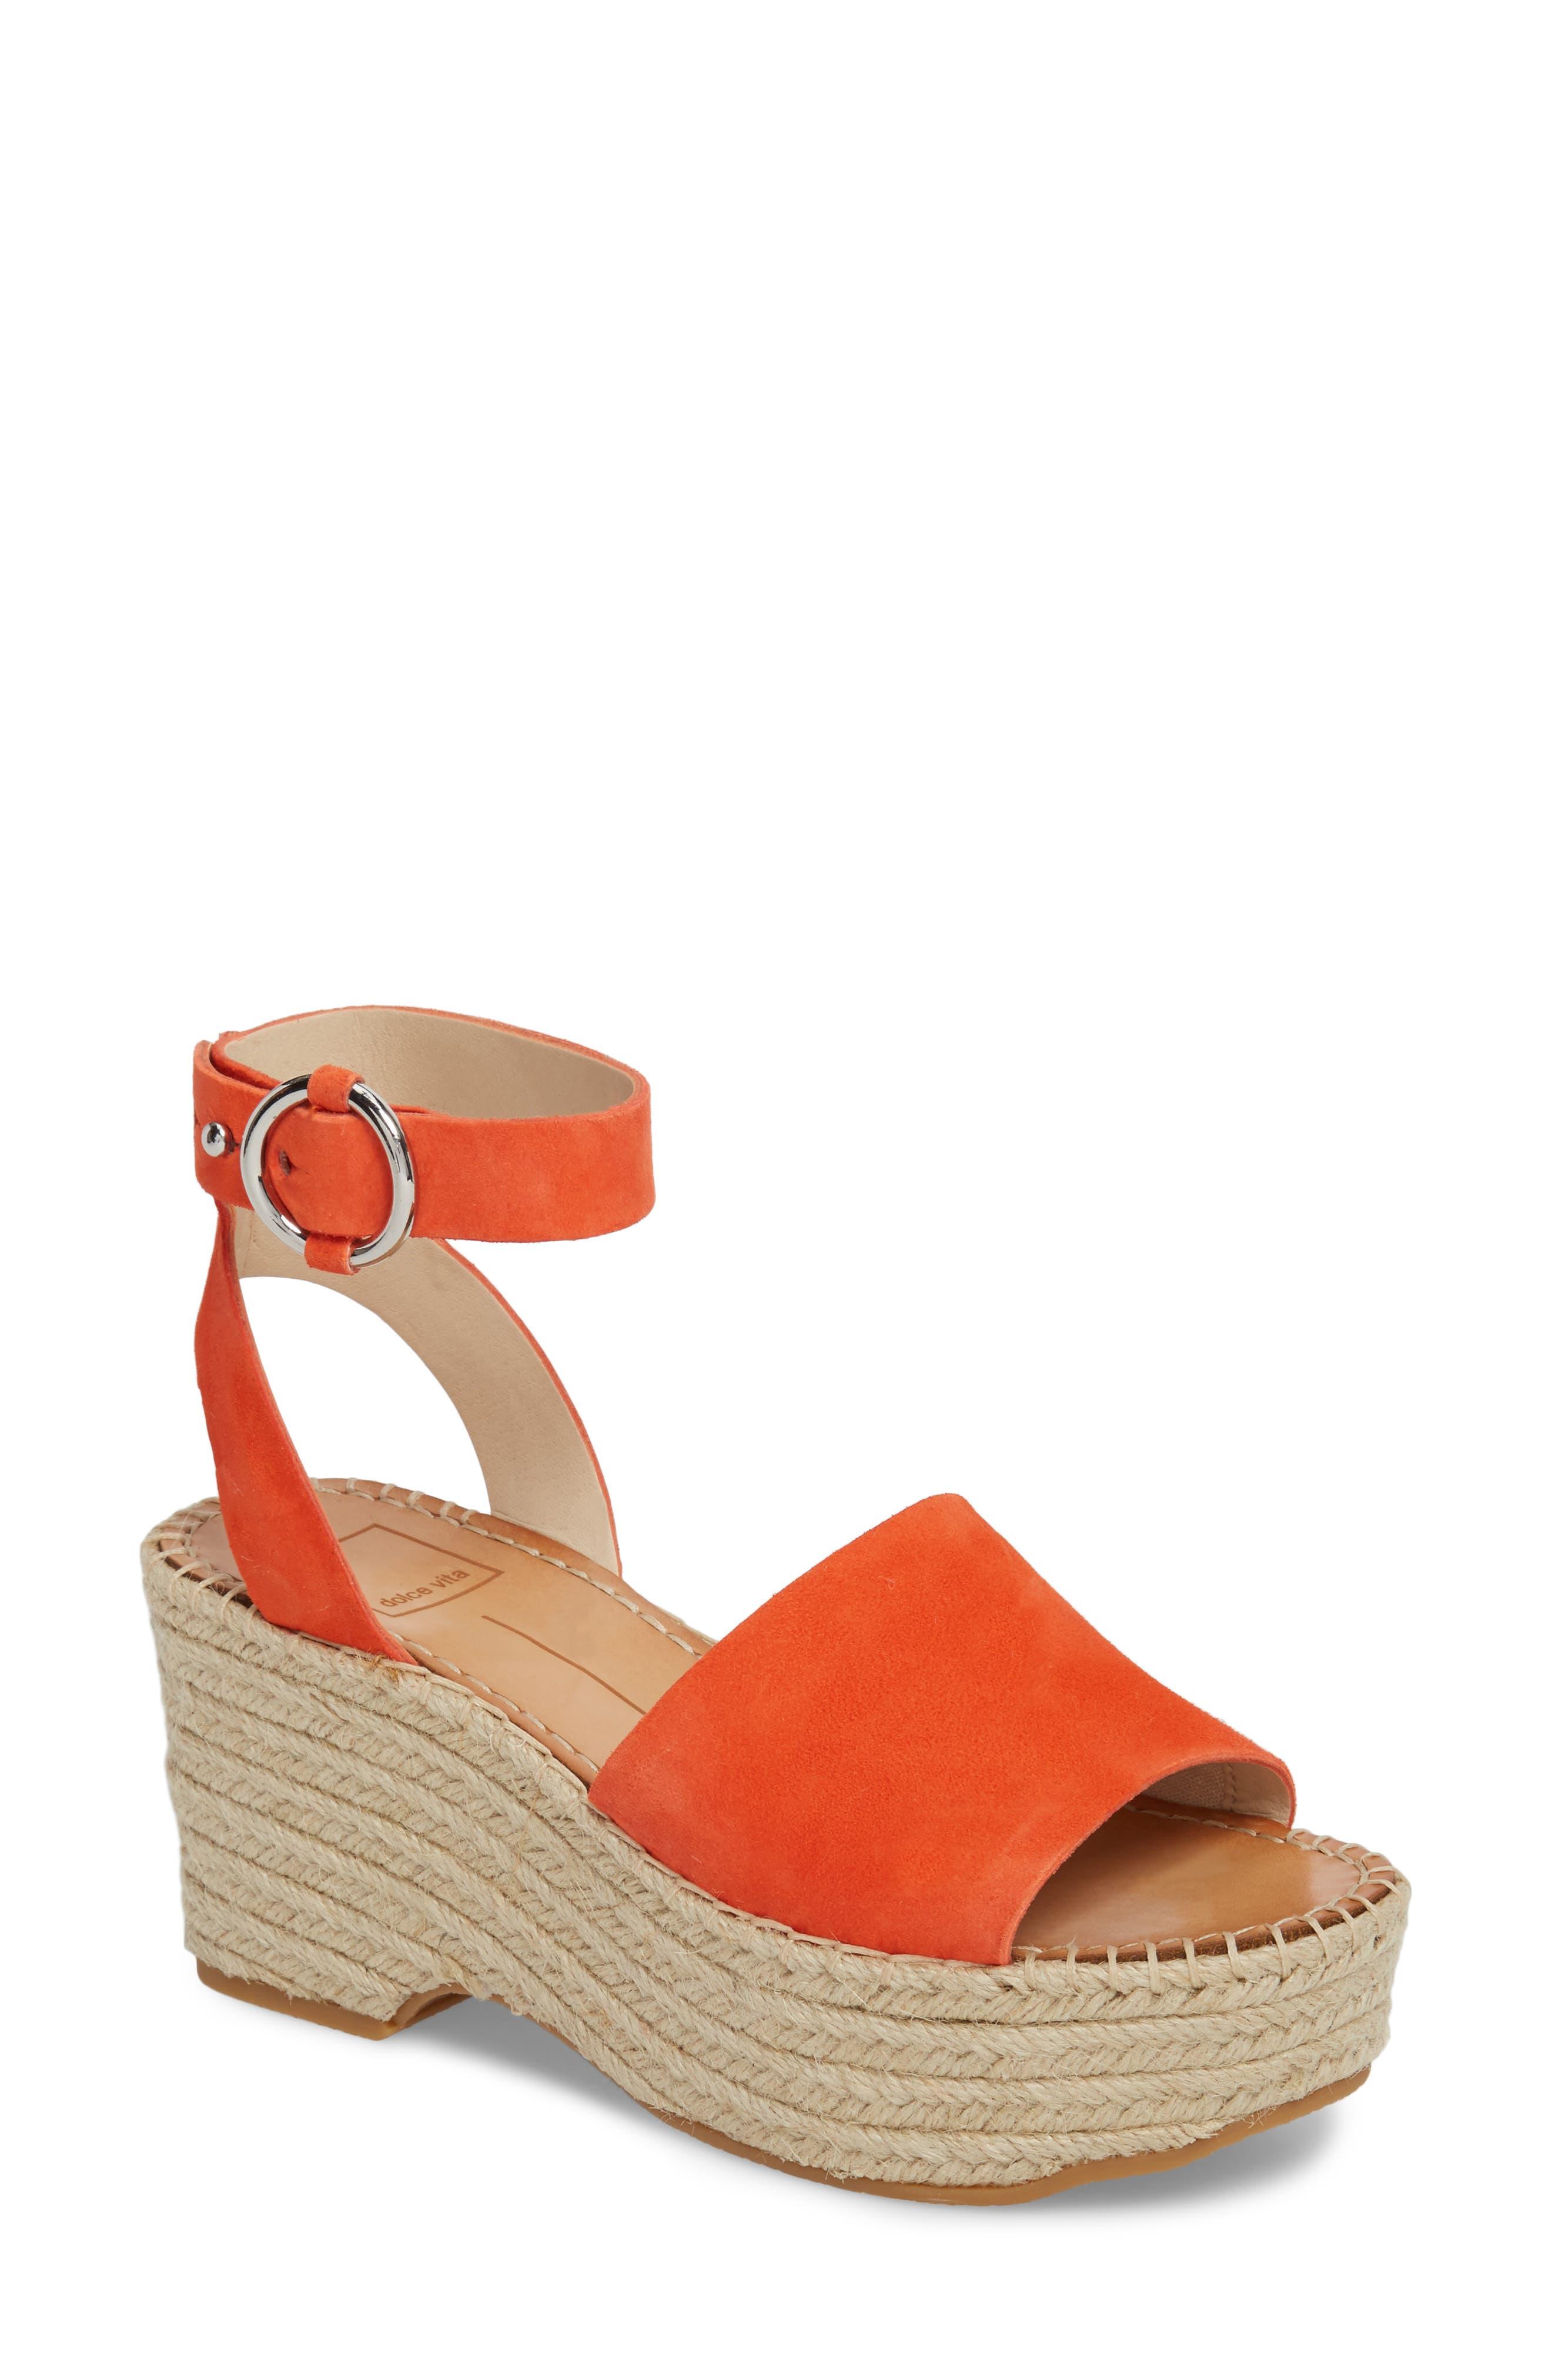 Lesly Espadrille Platform Sandal,                             Main thumbnail 6, color,